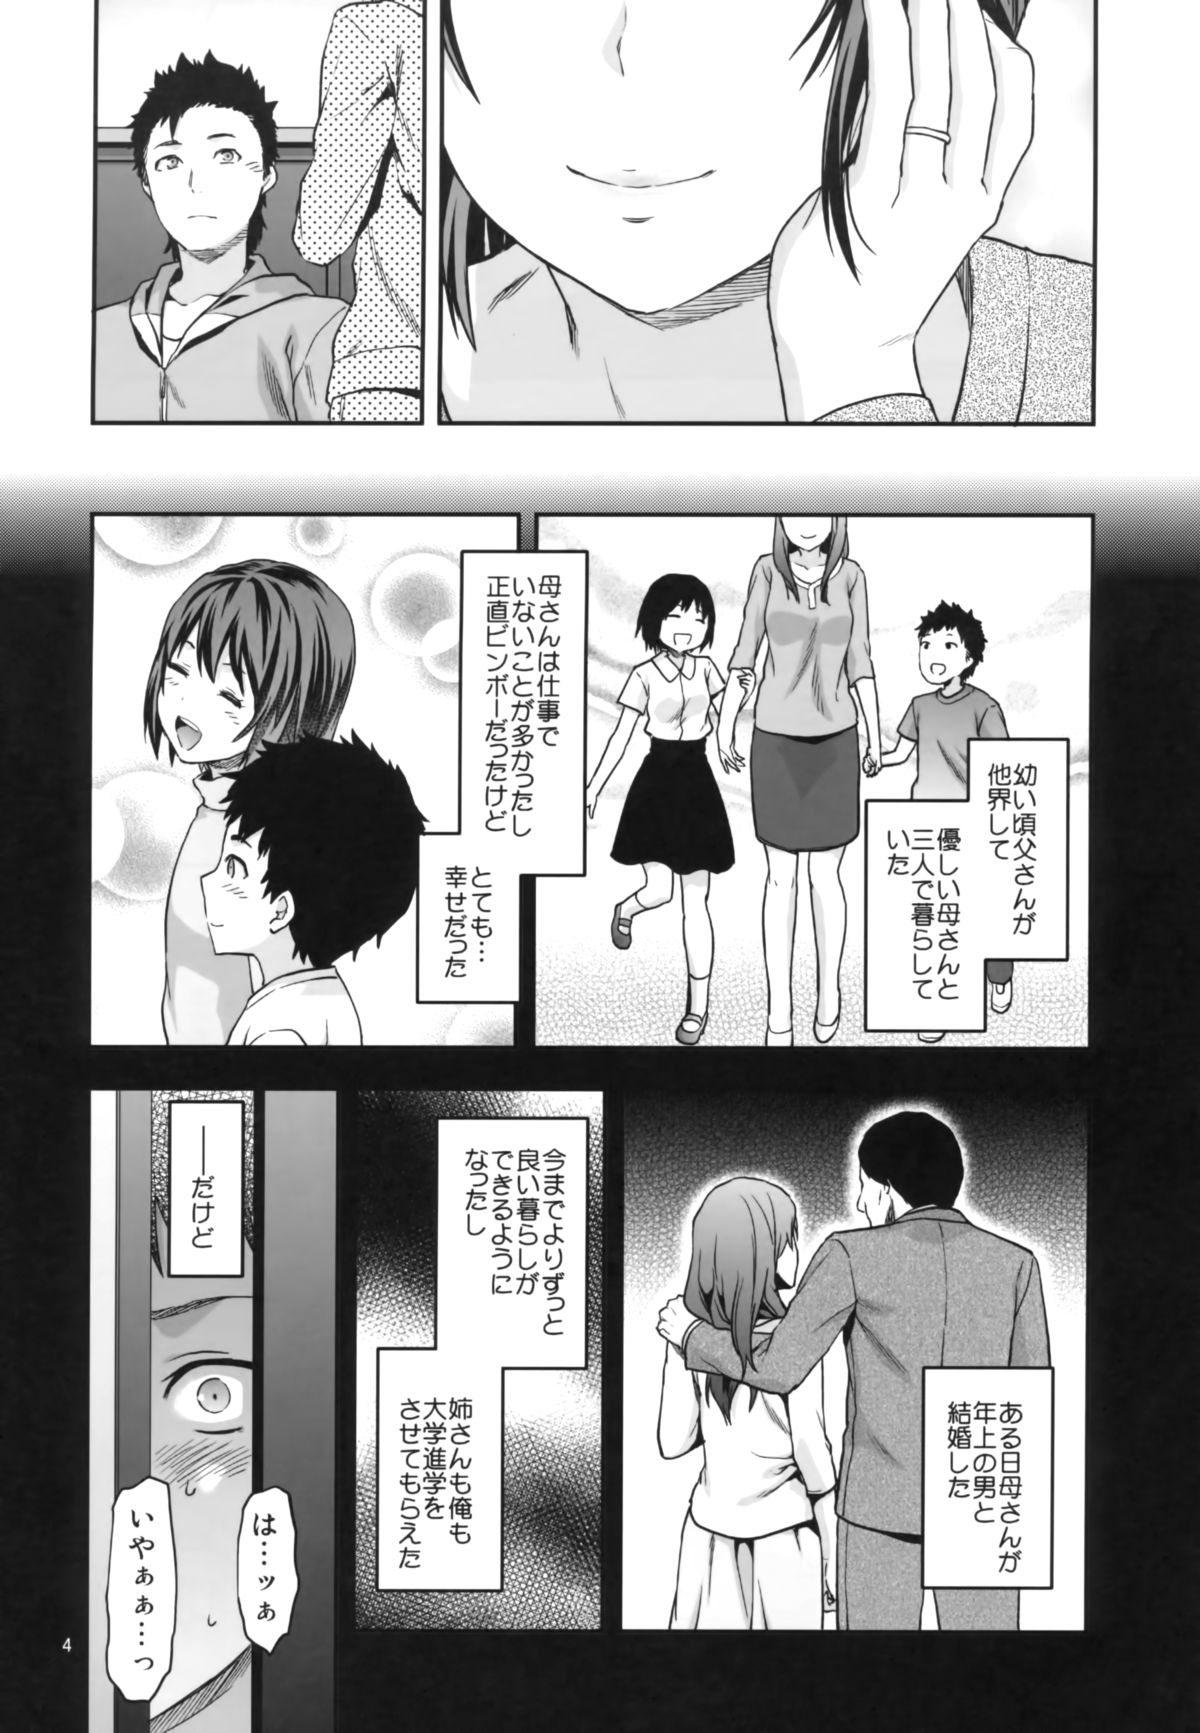 【エロ漫画】人妻の巨乳姉貴を旦那から寝とって中出ししまくって妊娠させちゃう鬼畜な変態弟wwwwww